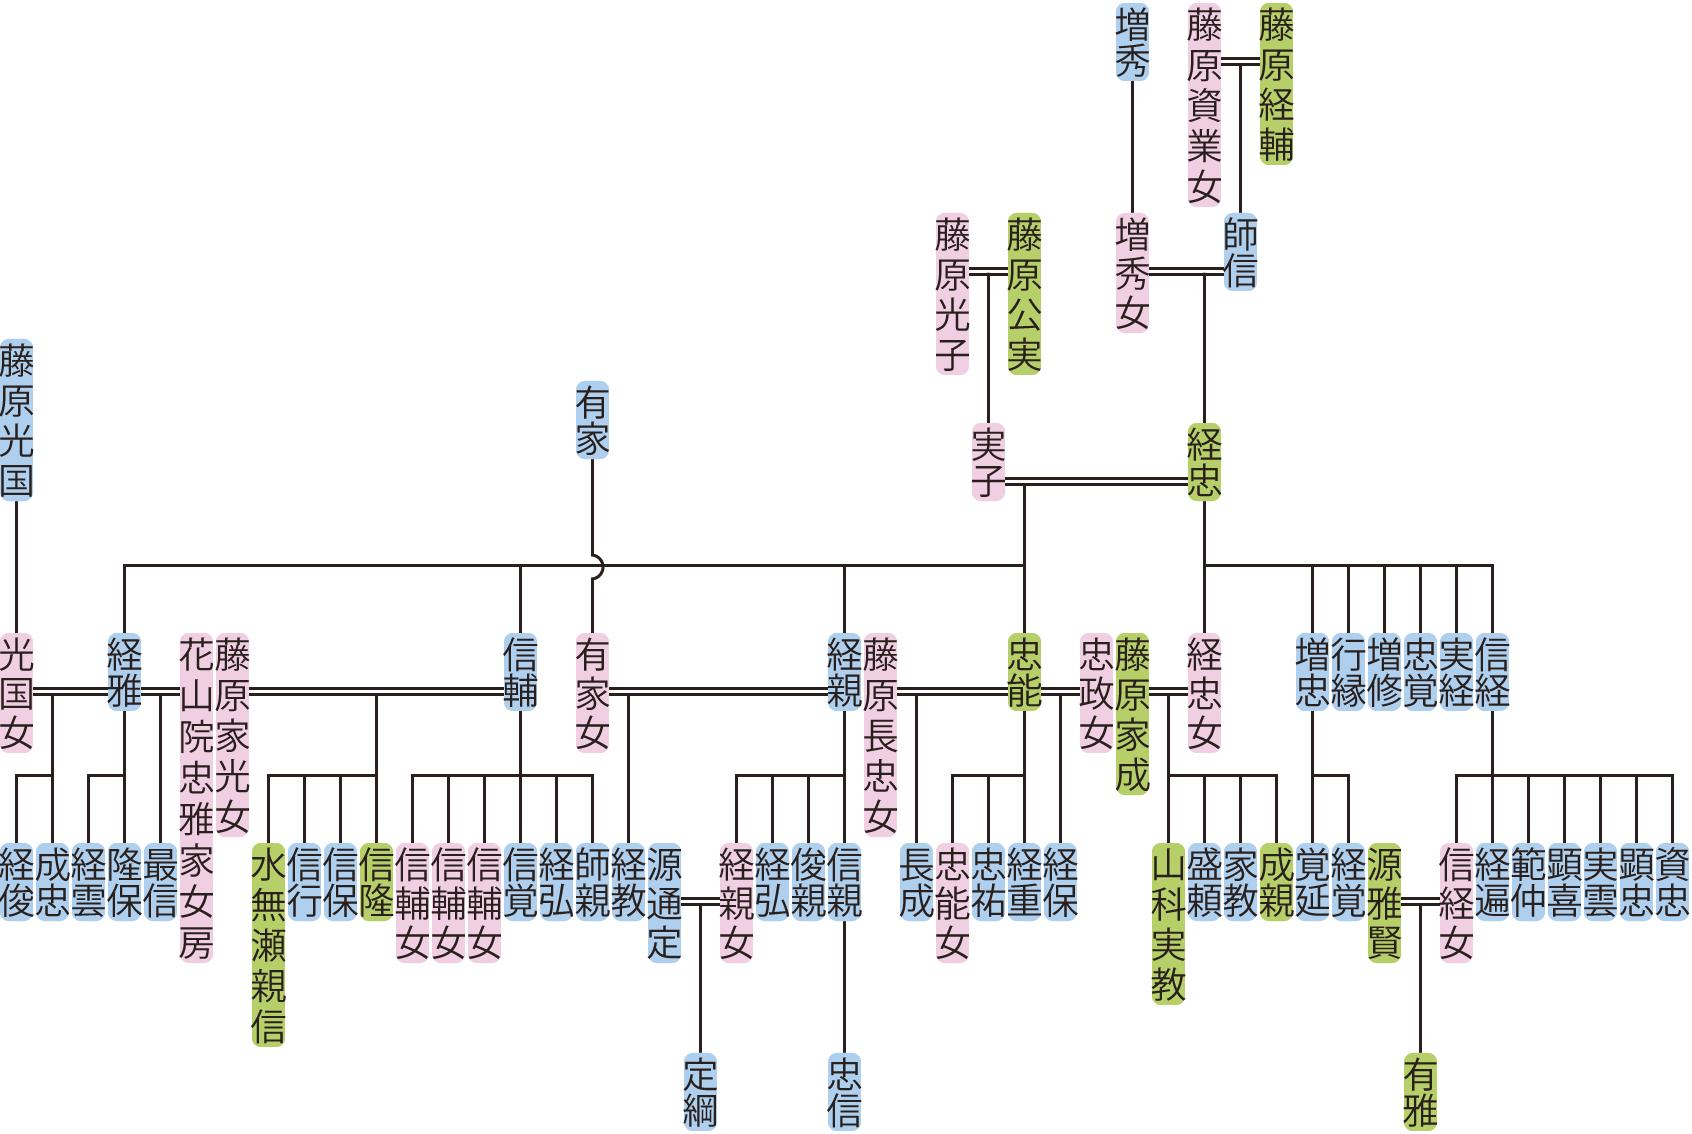 藤原経忠の系図